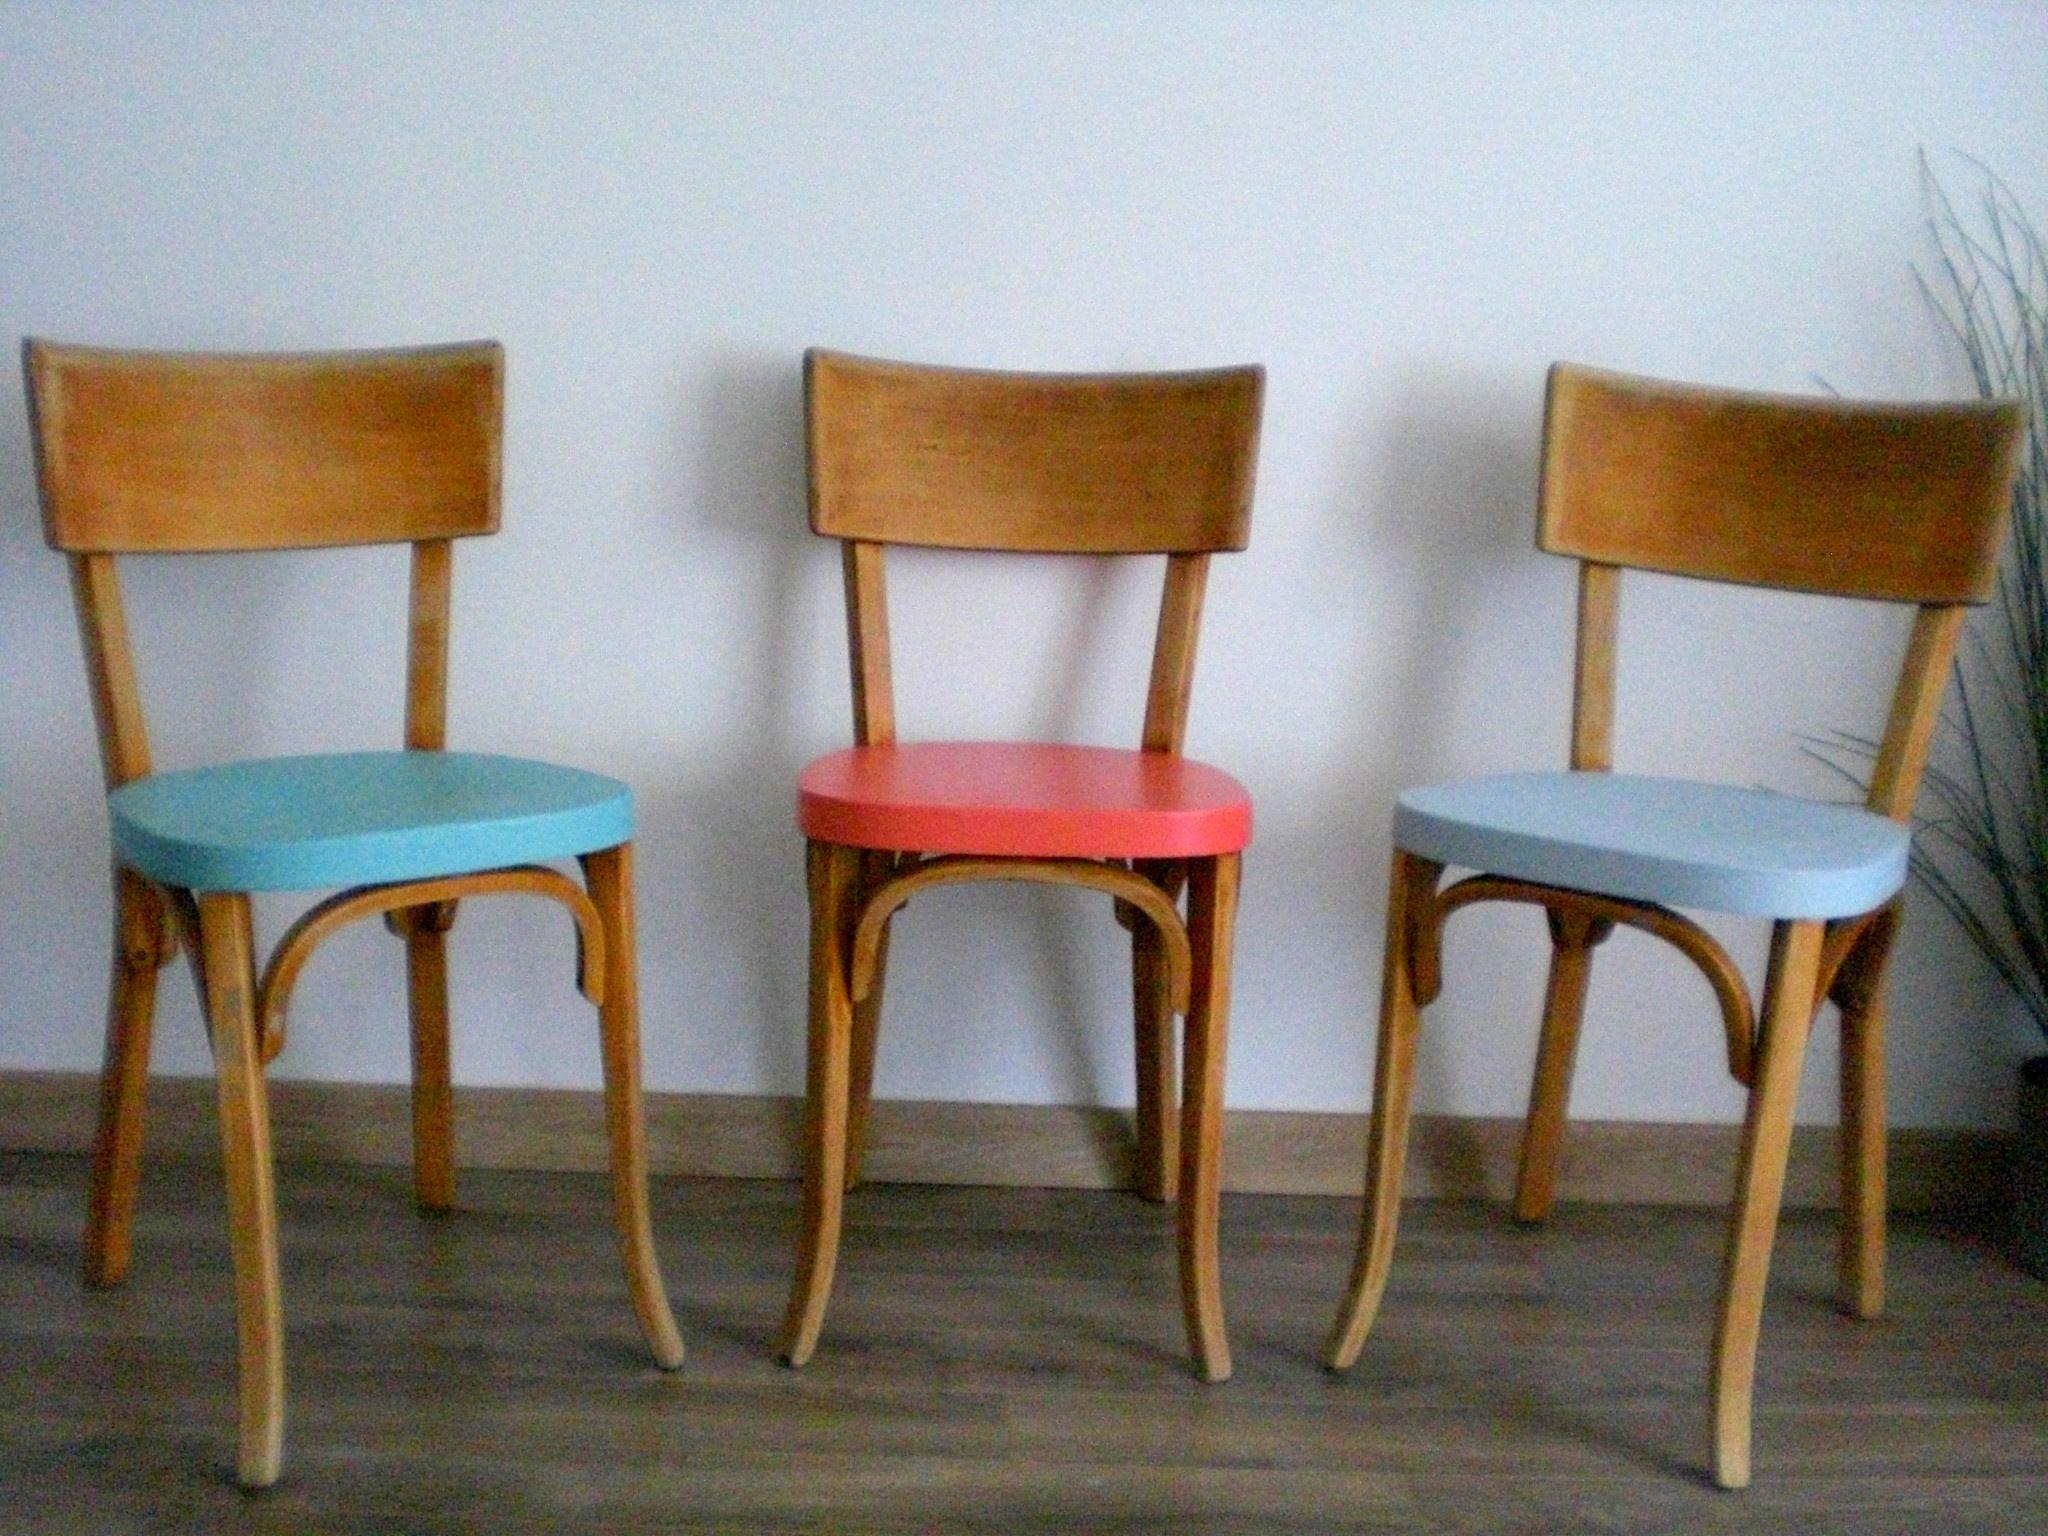 Sedie Colorate Fai Da Te.Rinnovare In Modo Creativo Sedie Vintage Utilizzando Colori Vivaci